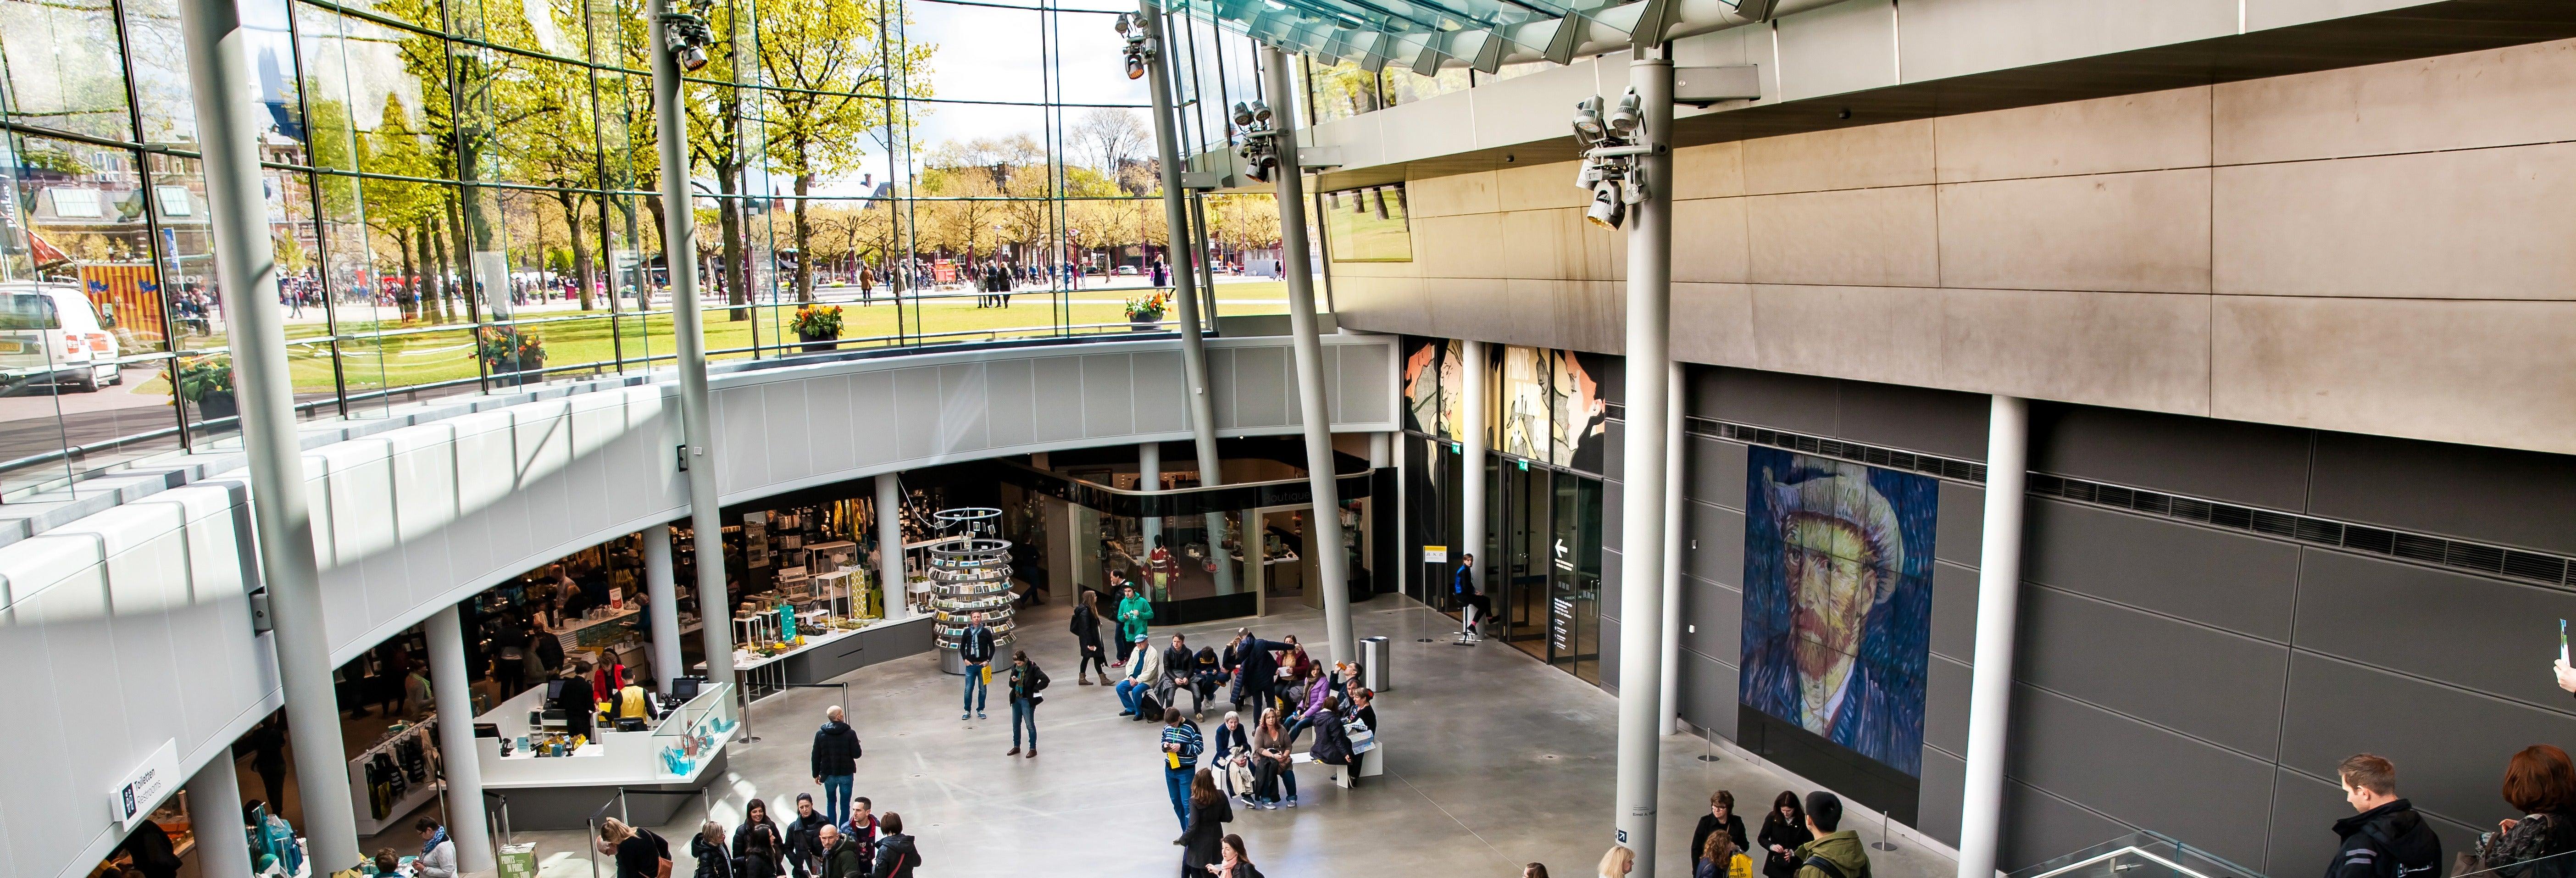 Billet pour le Musée Van Gogh + Croisière sur les canaux